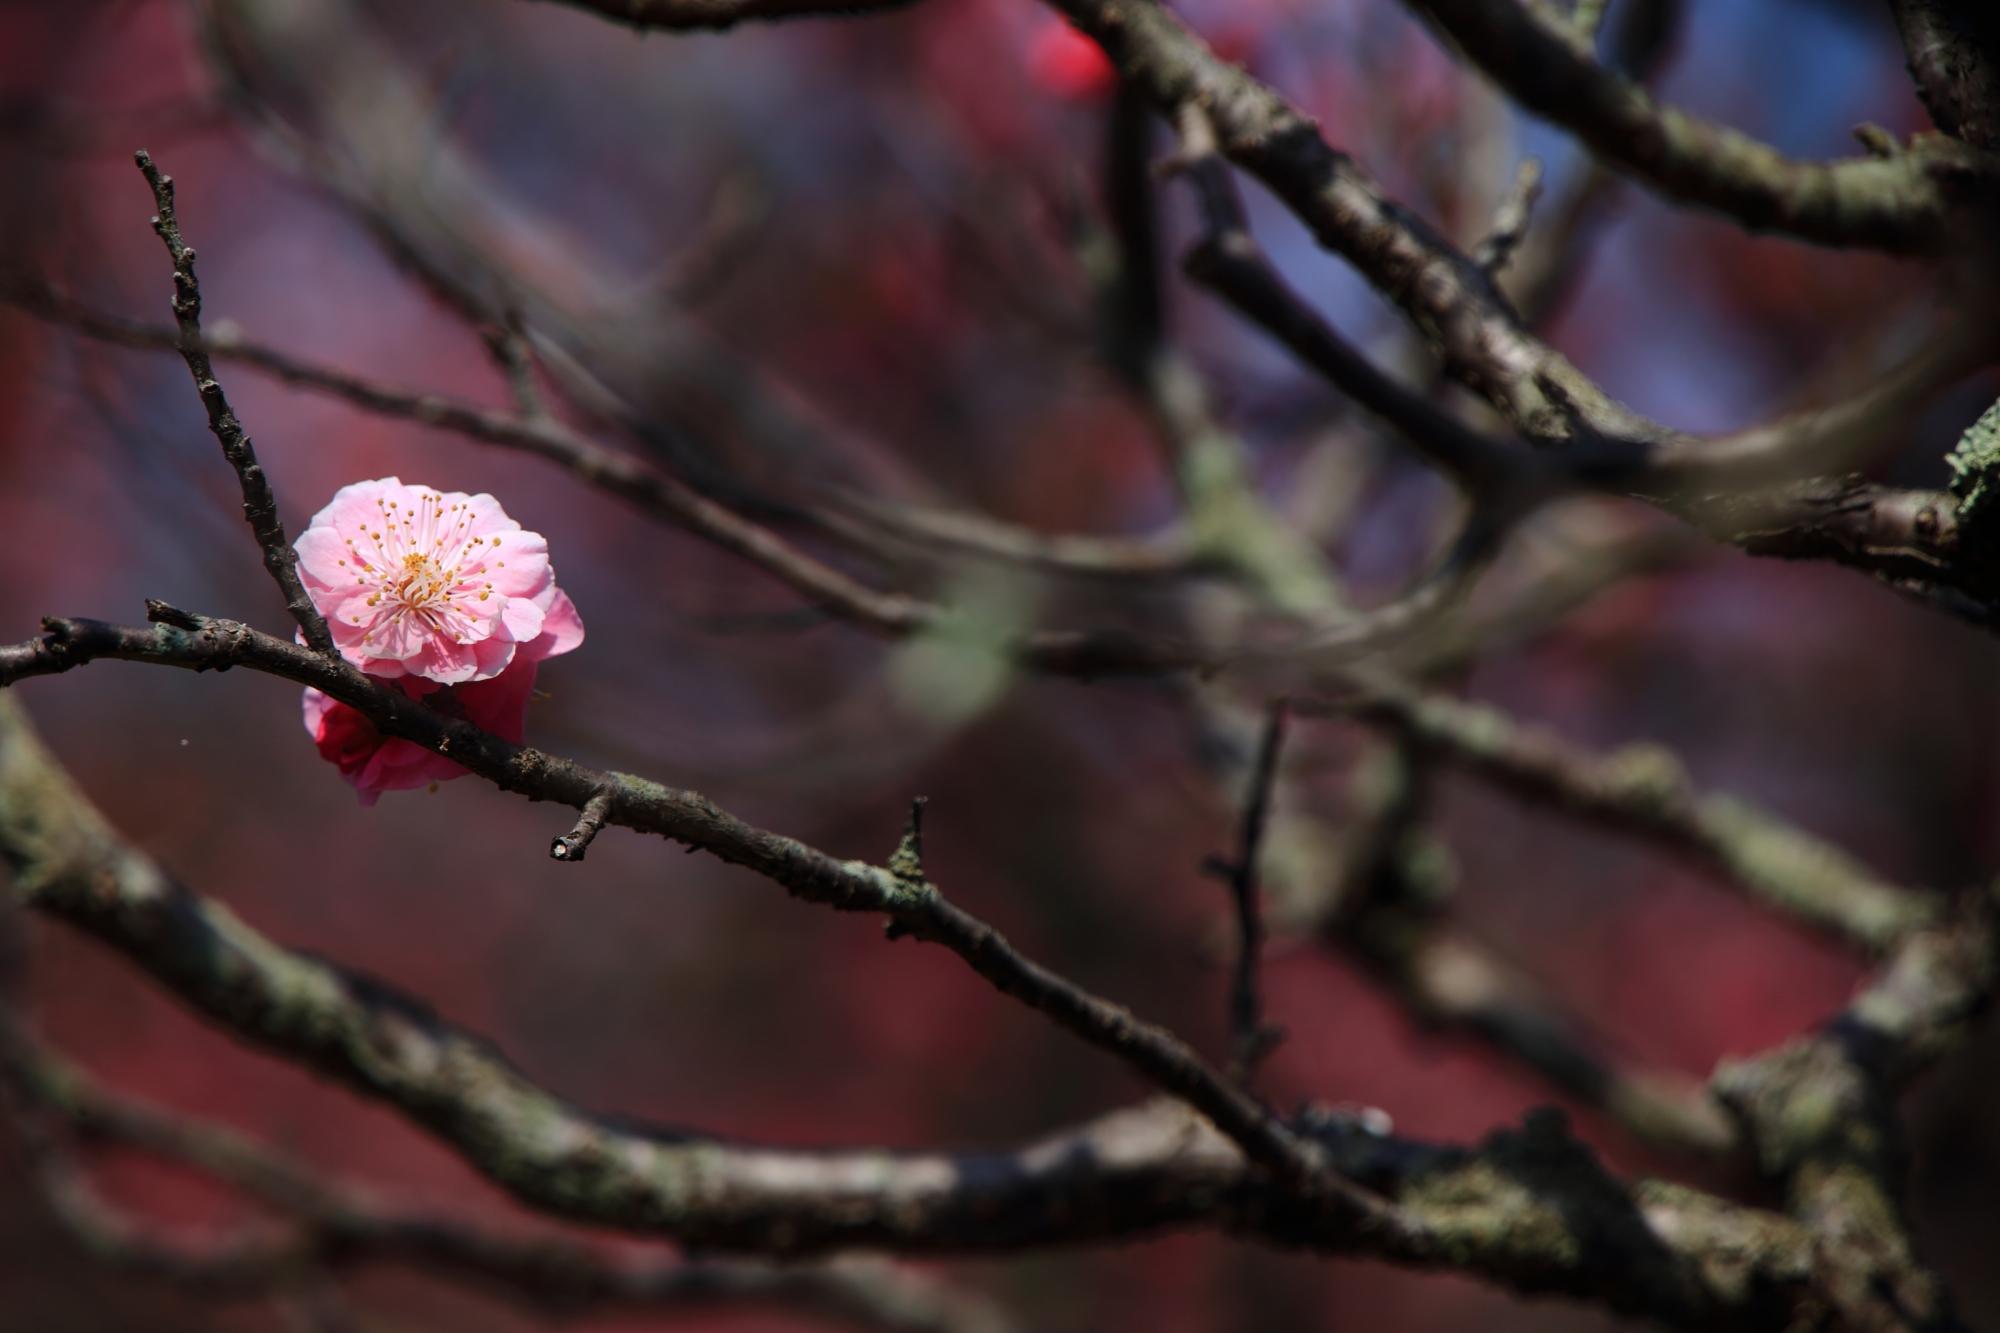 ポツンと離れて咲く情緒ある梅の花